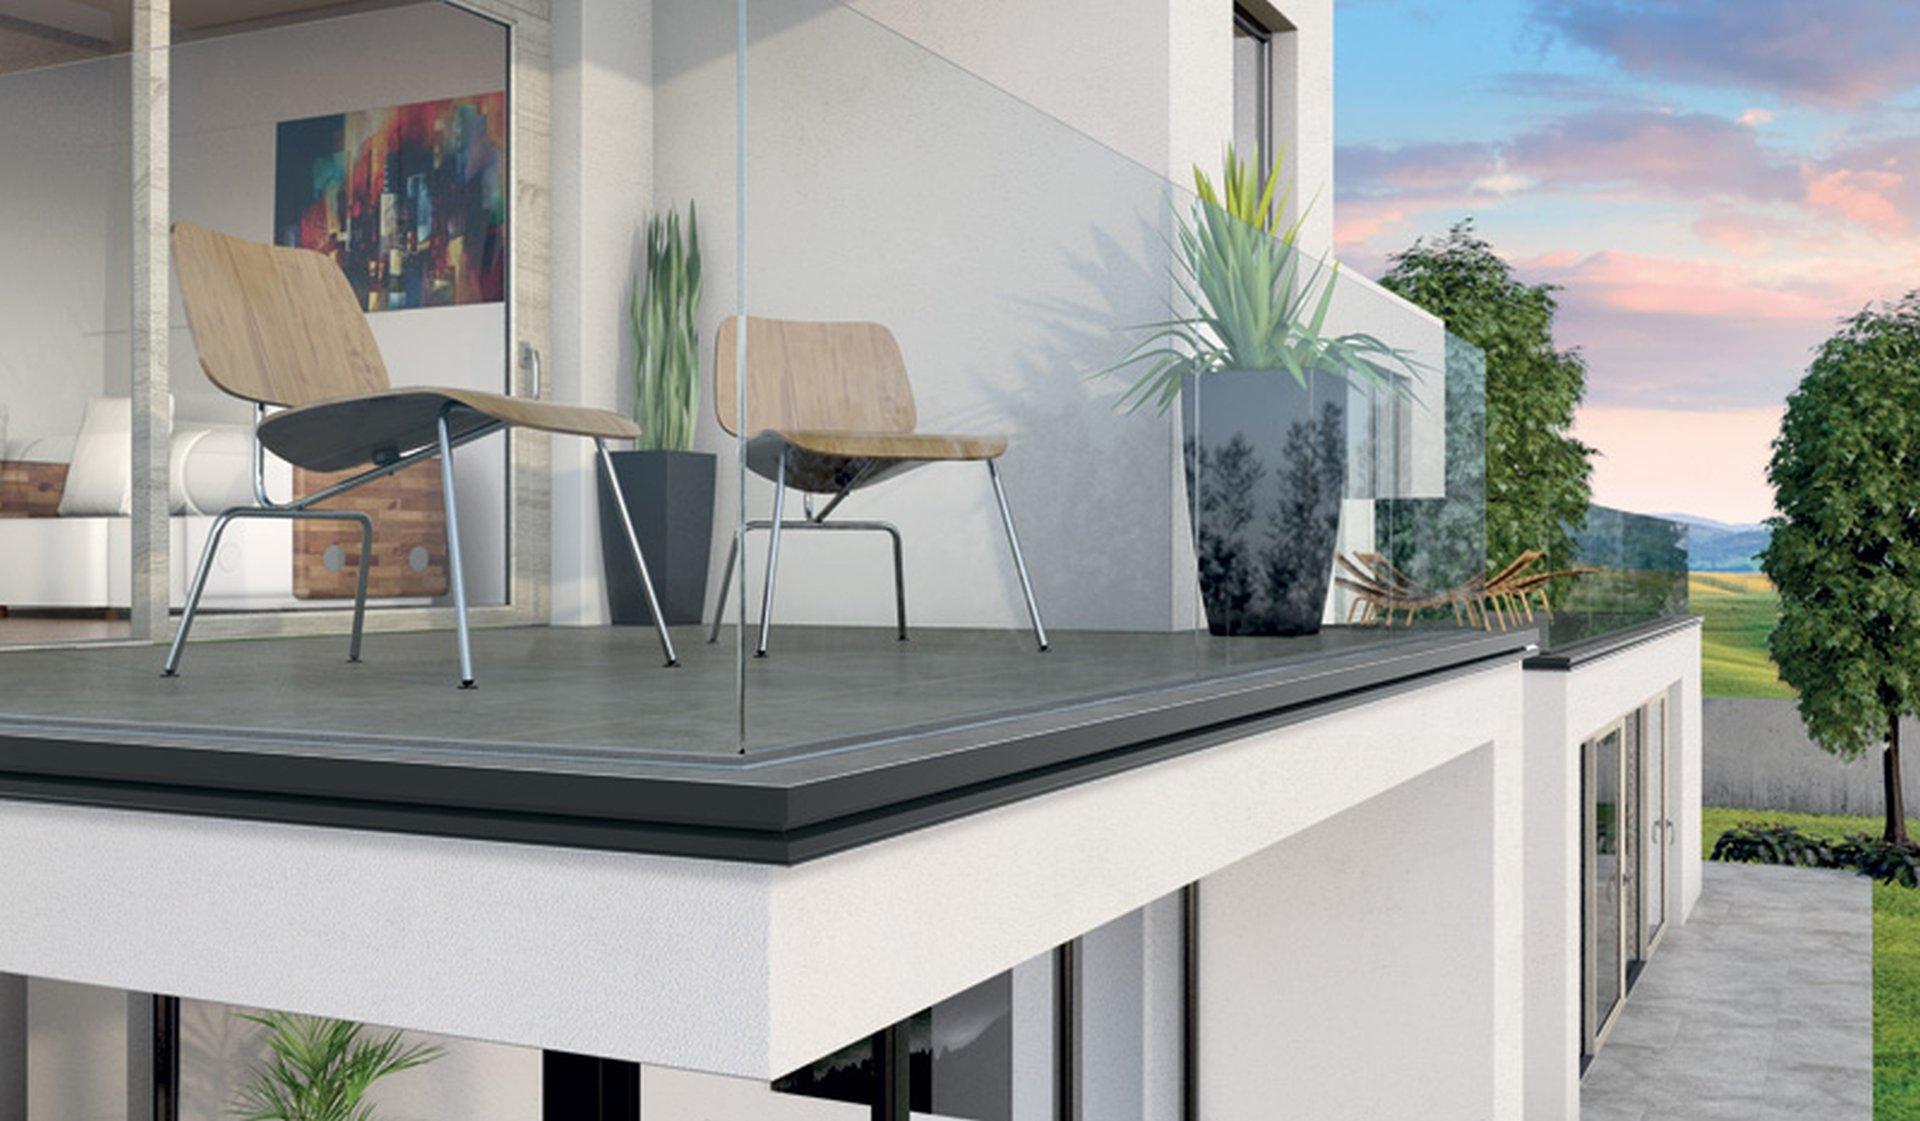 Odkapni profil na terasi